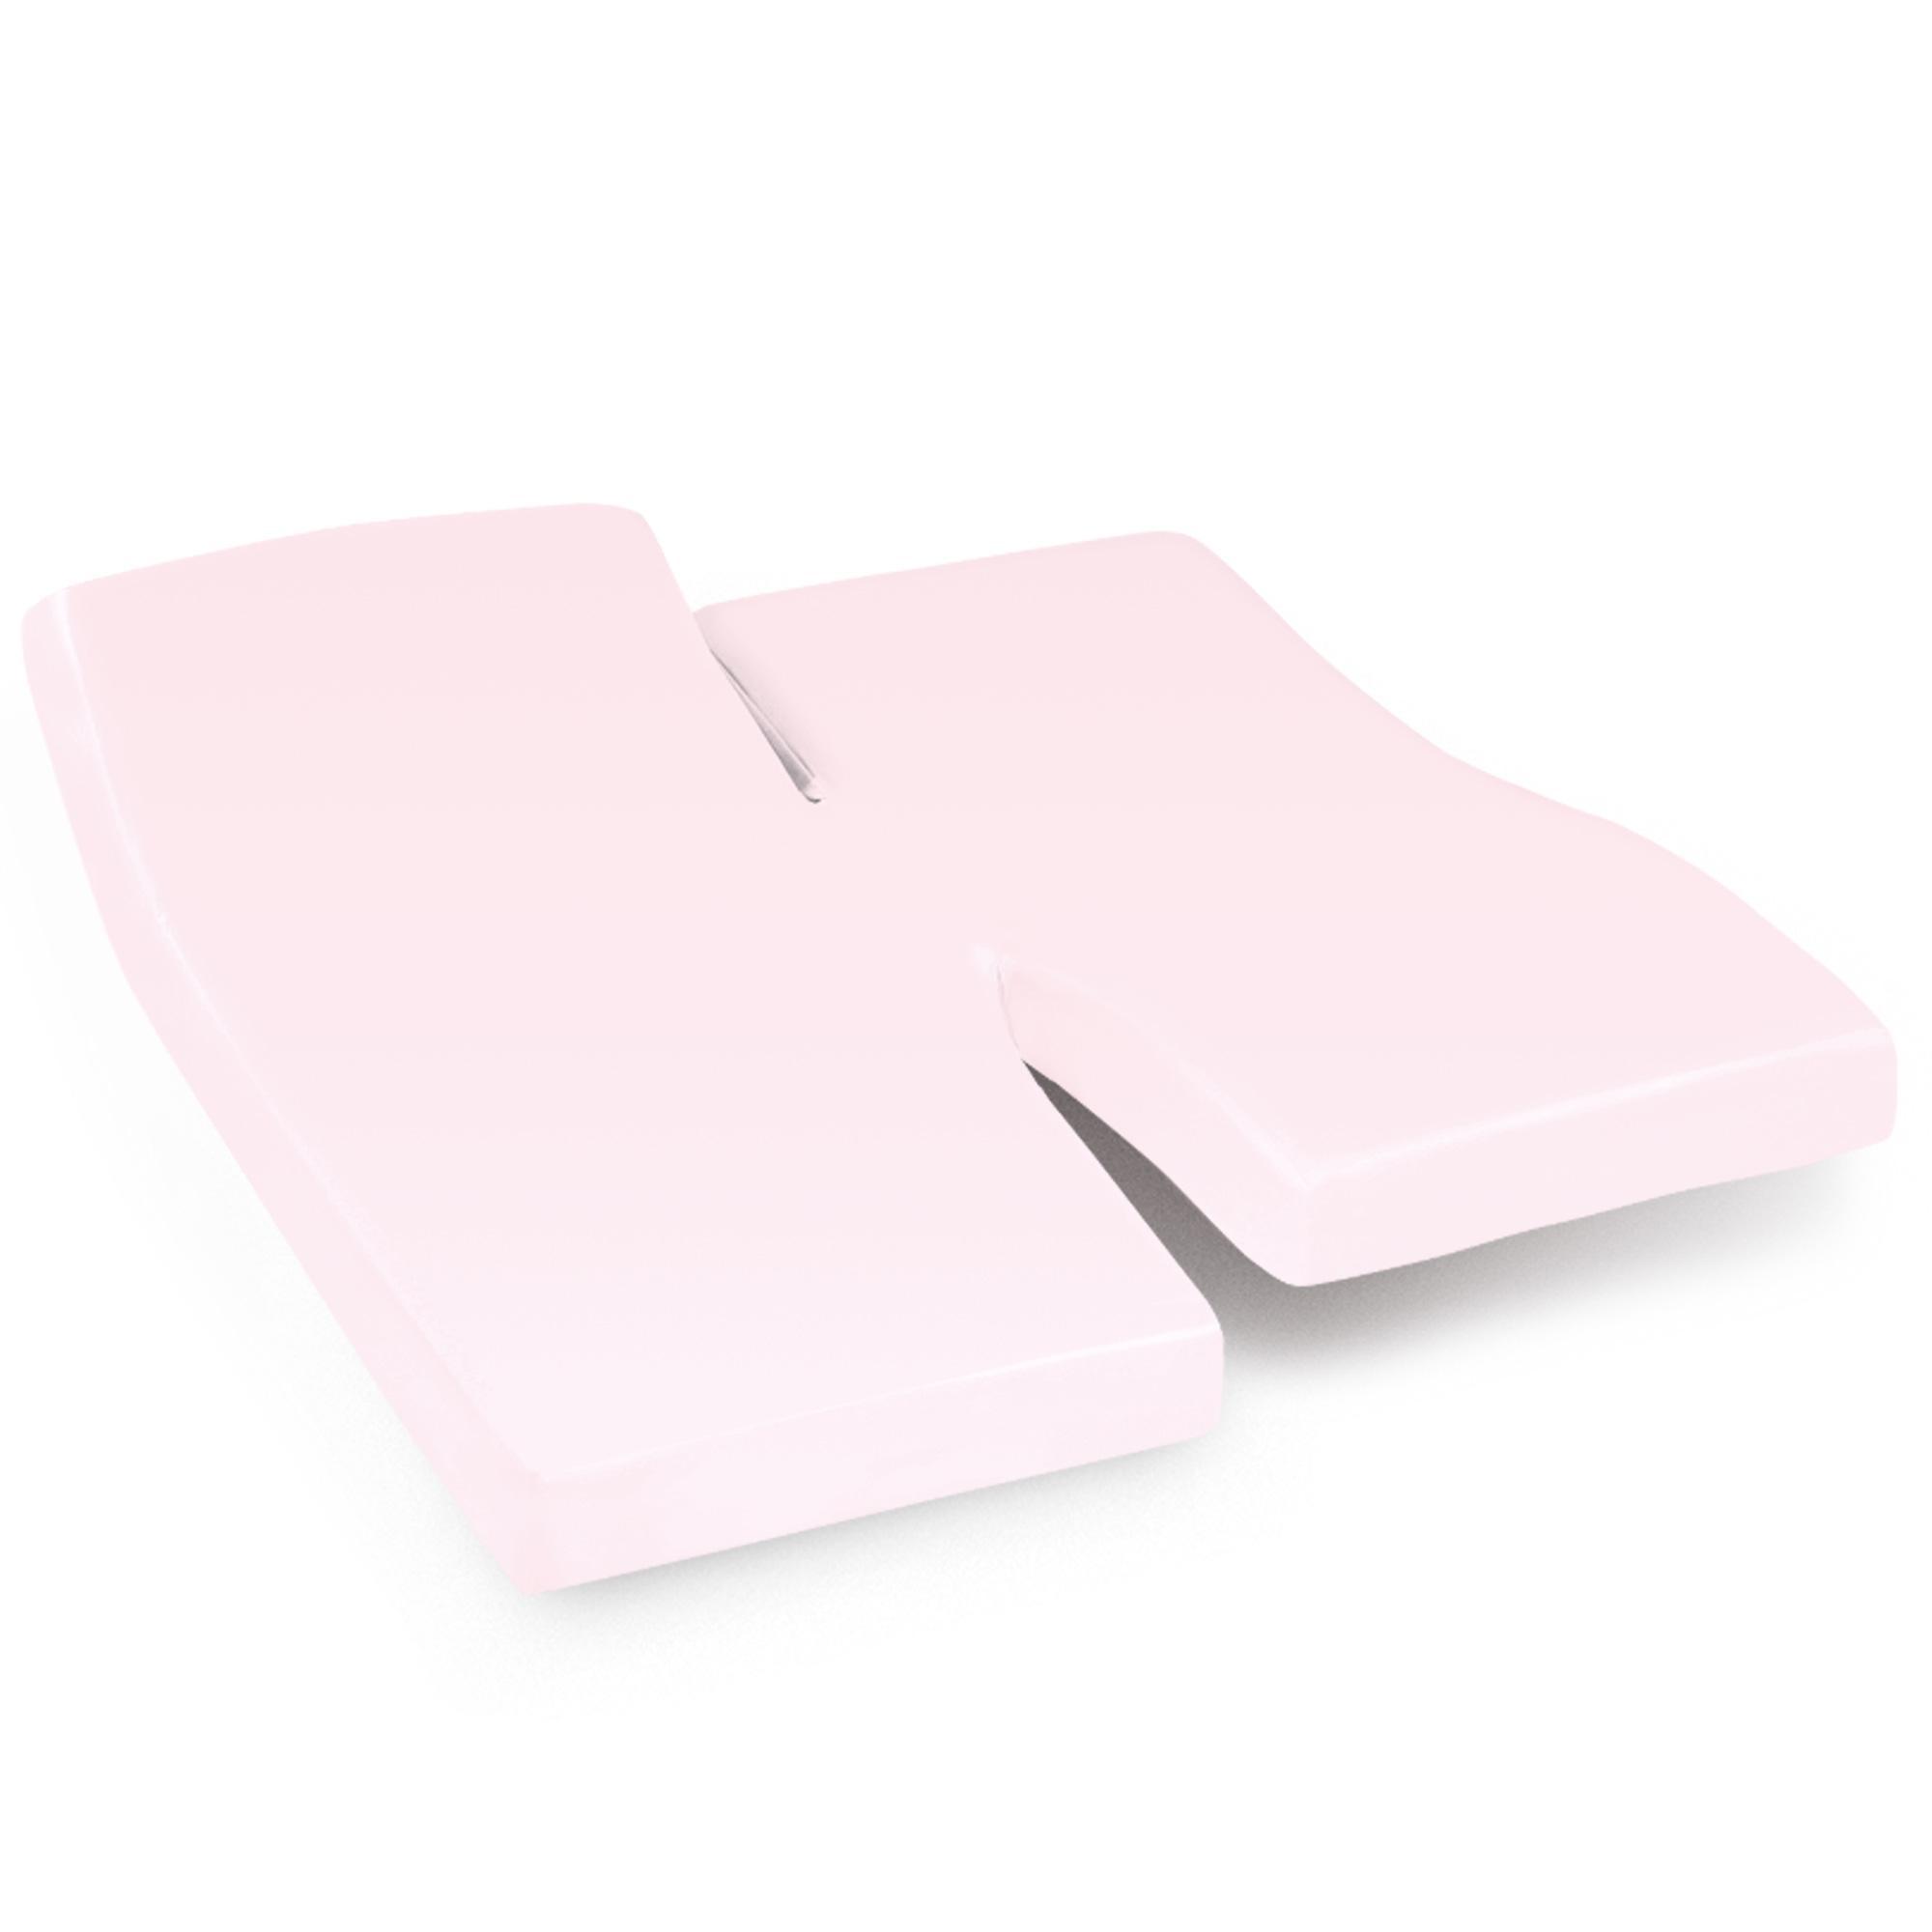 drap housse relaxation 2x100x190cm uni pur coton alto rose blush tpr t te et pied relevable. Black Bedroom Furniture Sets. Home Design Ideas